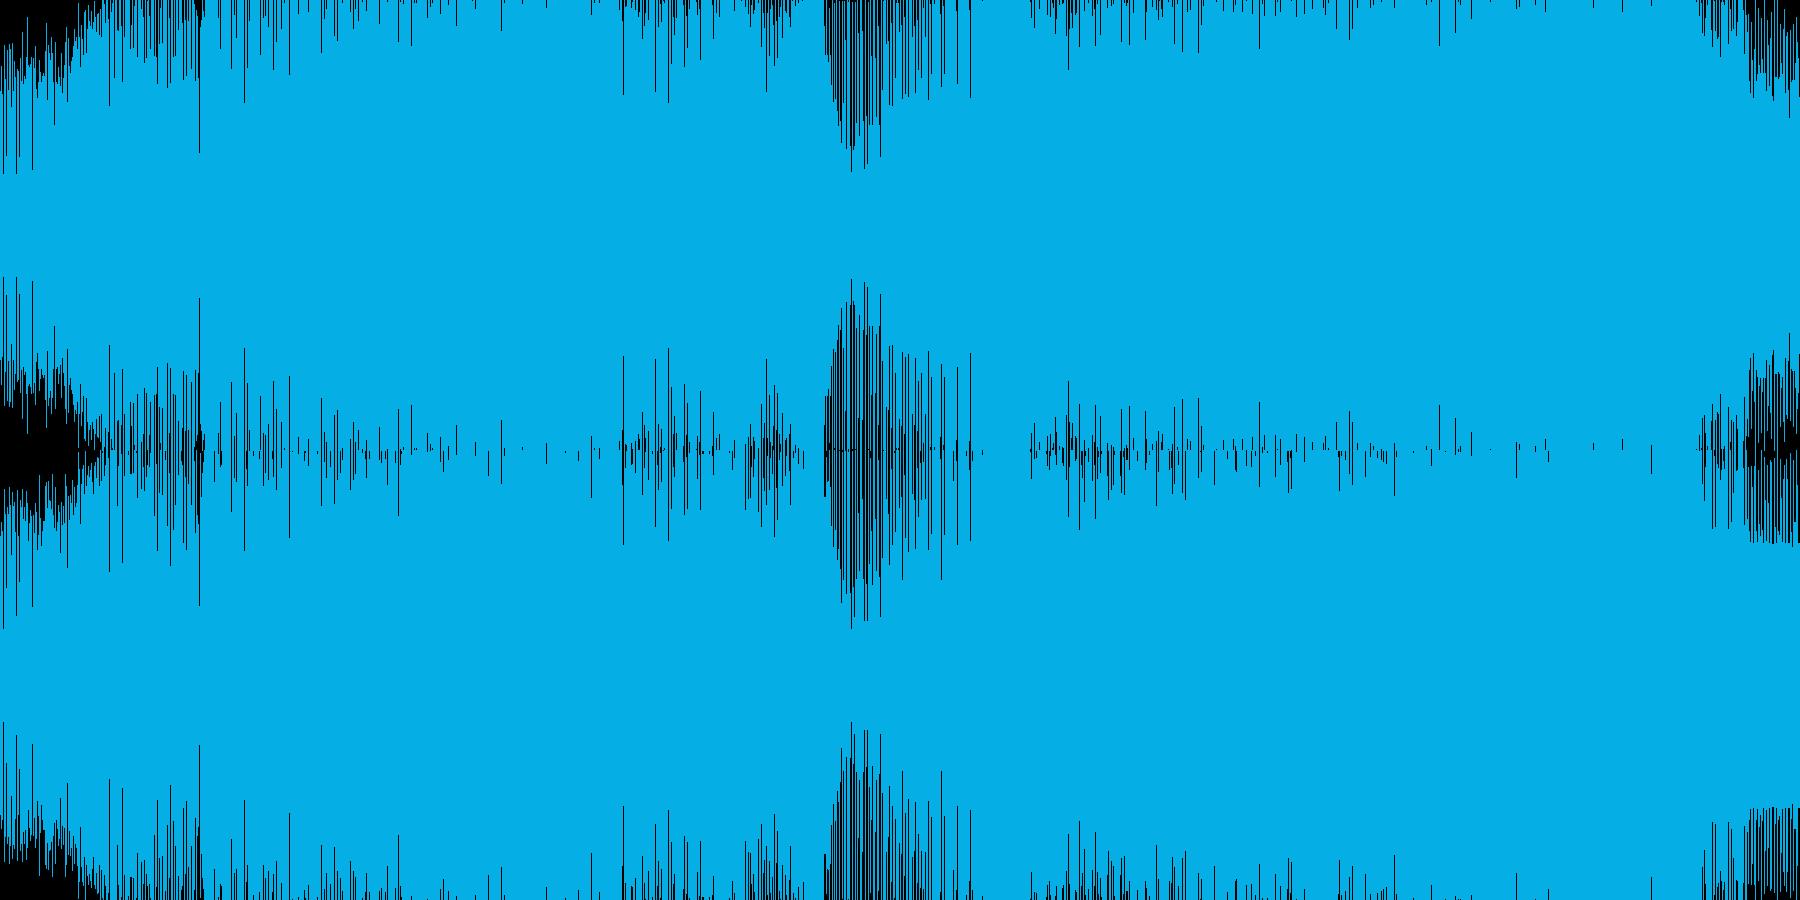 ダンスフロアを盛り上げる強力な1曲の再生済みの波形